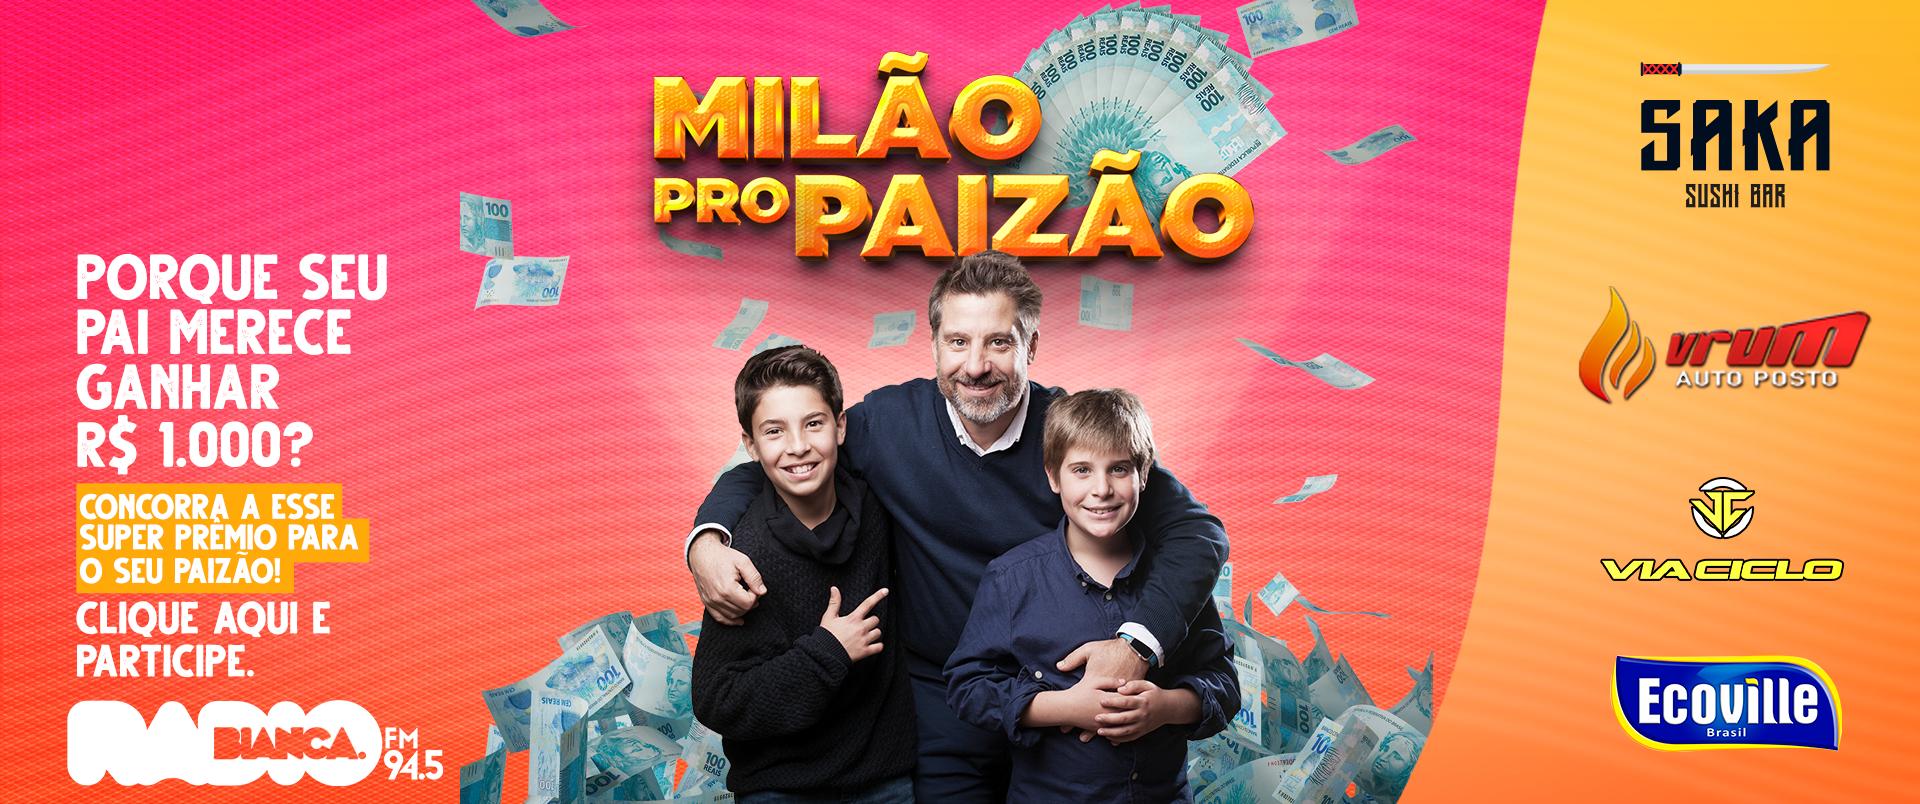 Promoção Milão pro Paizão